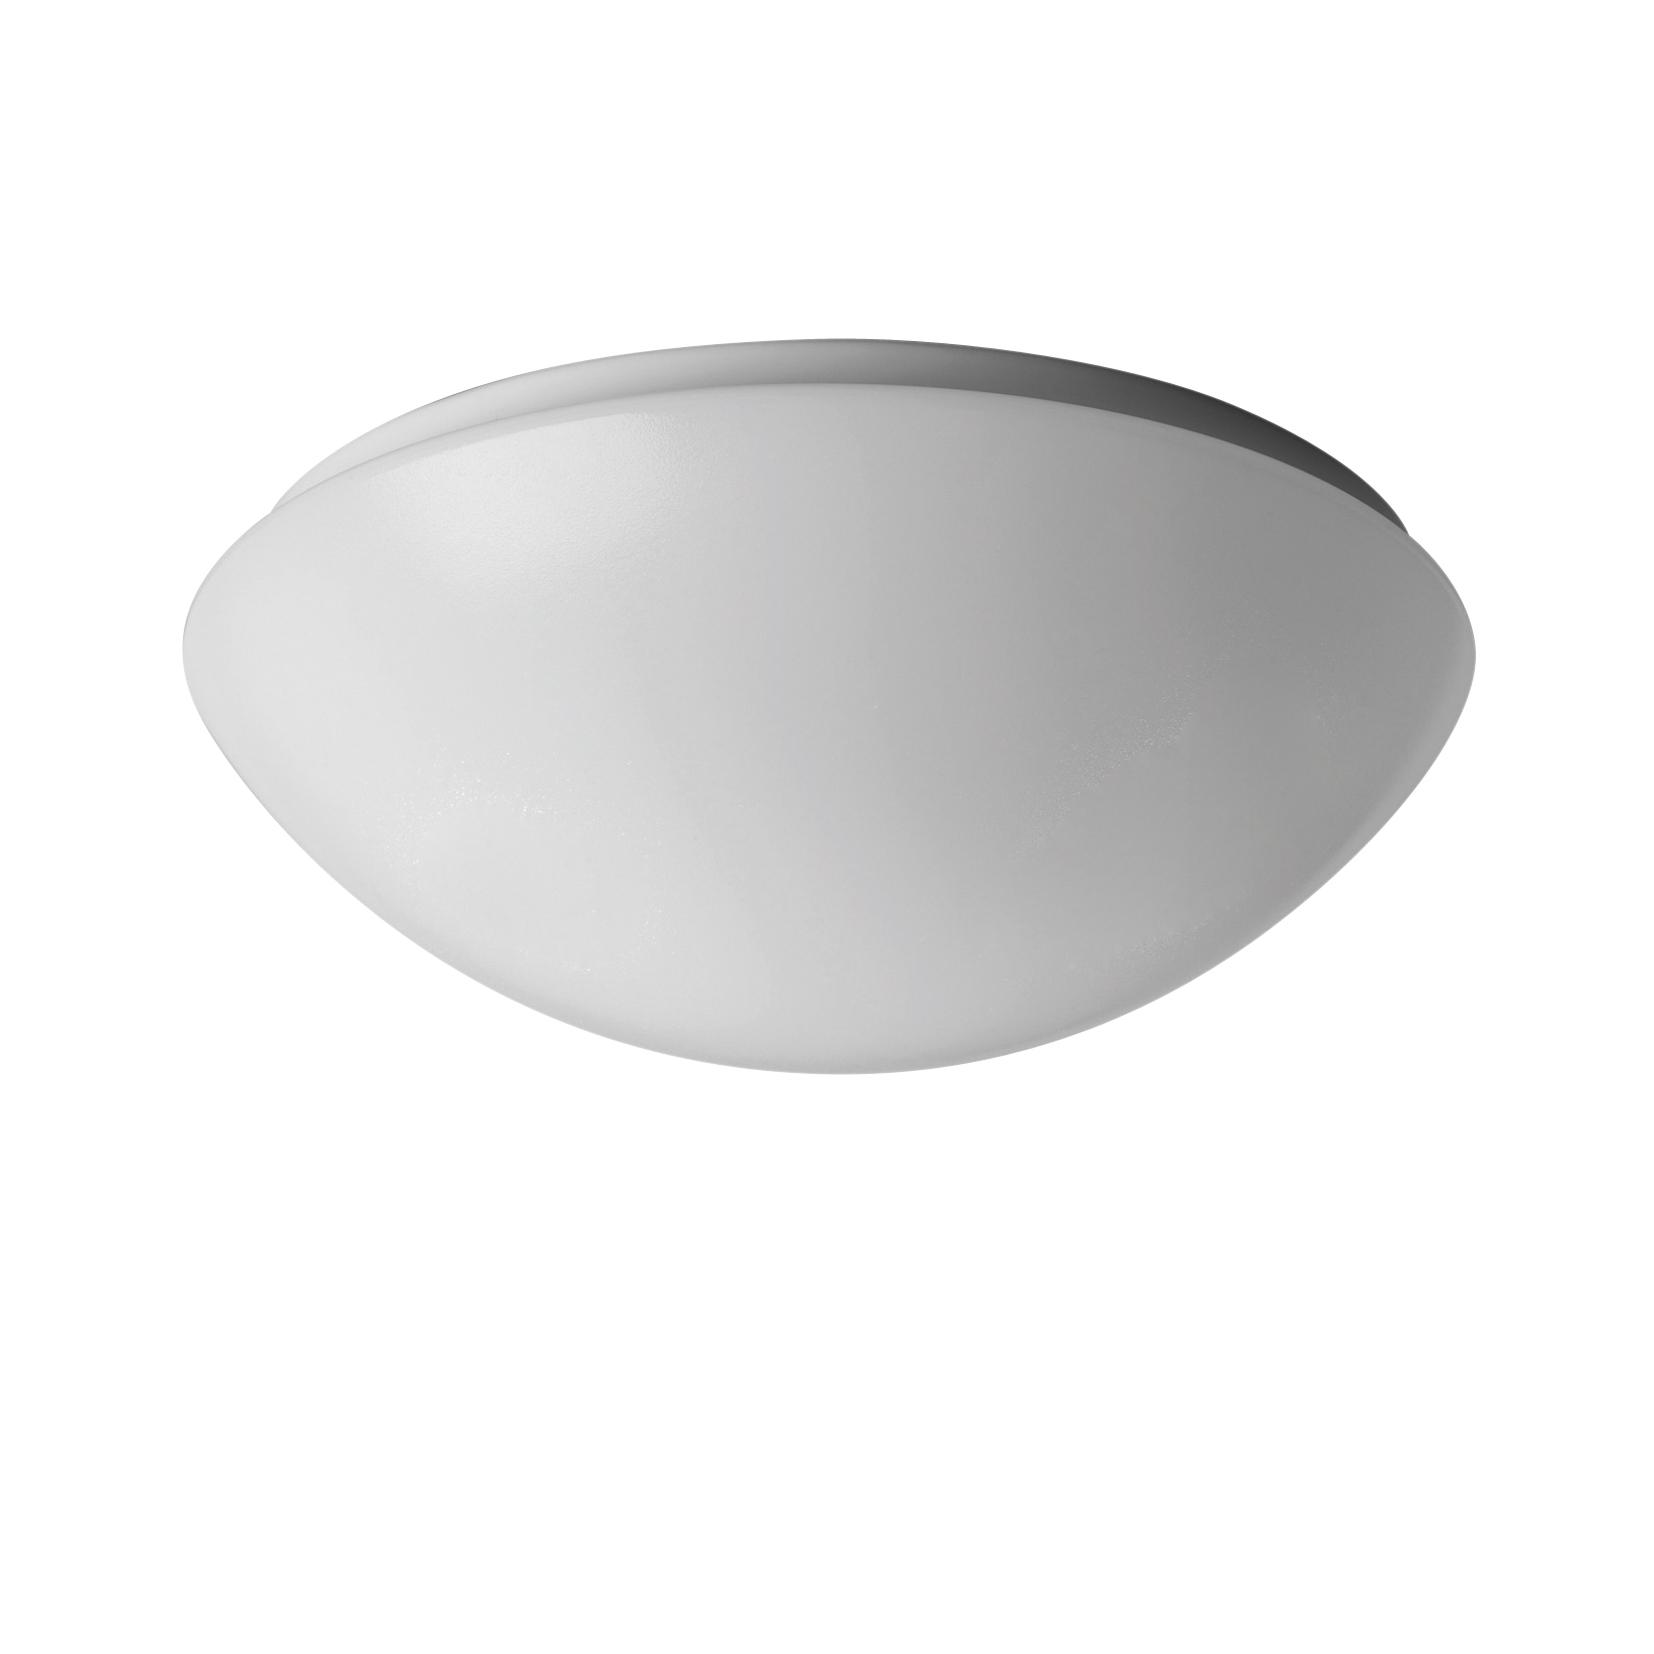 1 Stk TITAN 1 LED 20W 2590lm 3000K IP54, Wand,-Deckenleuchten LIOSM53235